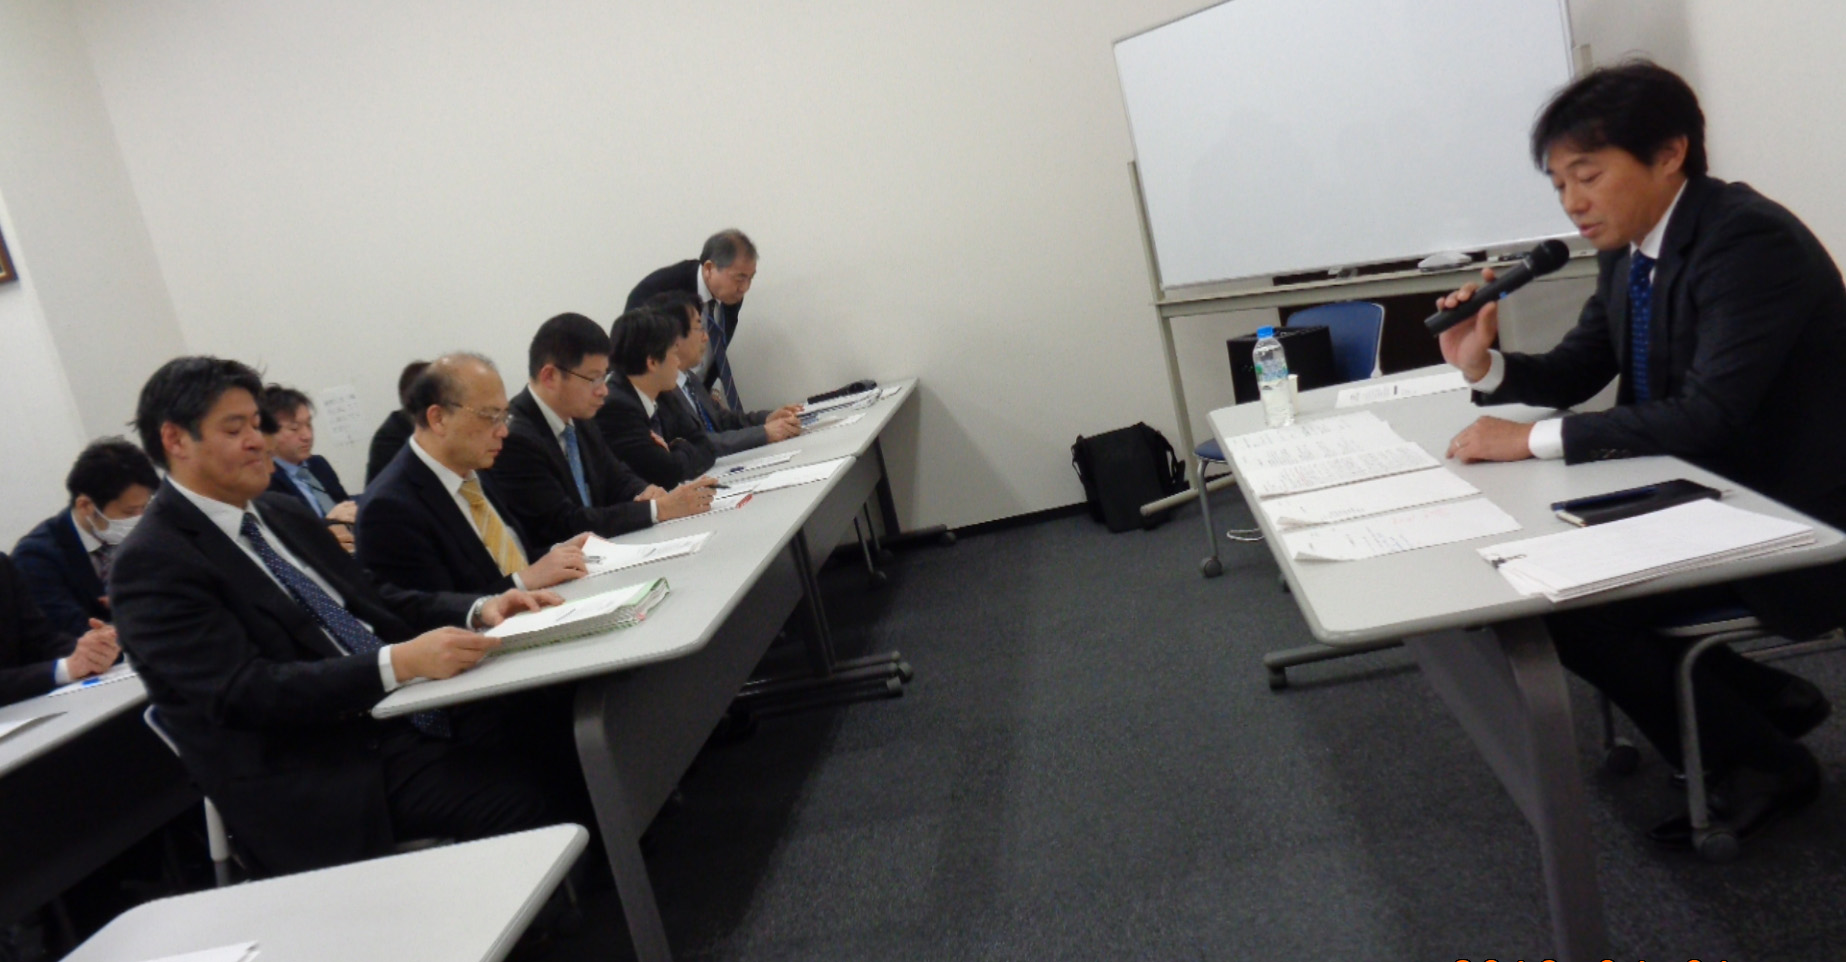 合同責任者会議が開催されました